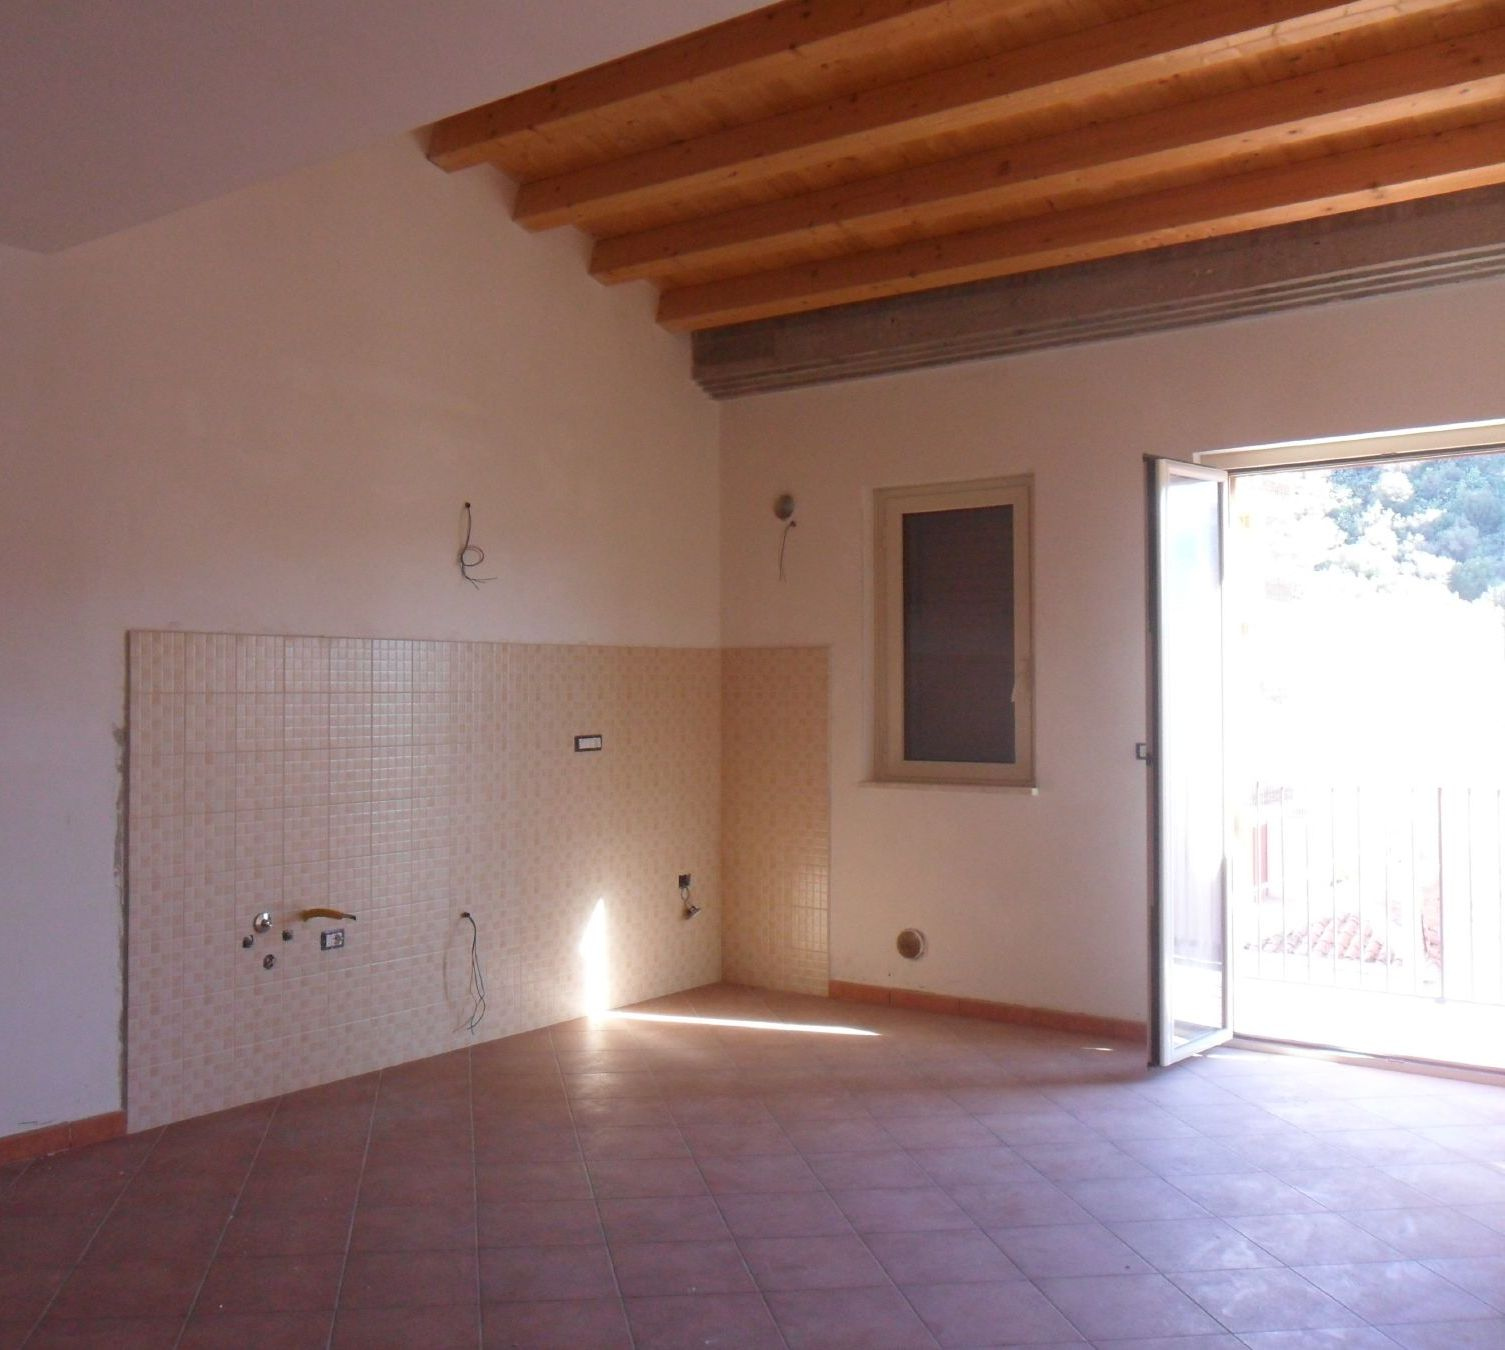 vendita appartamento milazzo   140000 euro  3 locali  90 mq